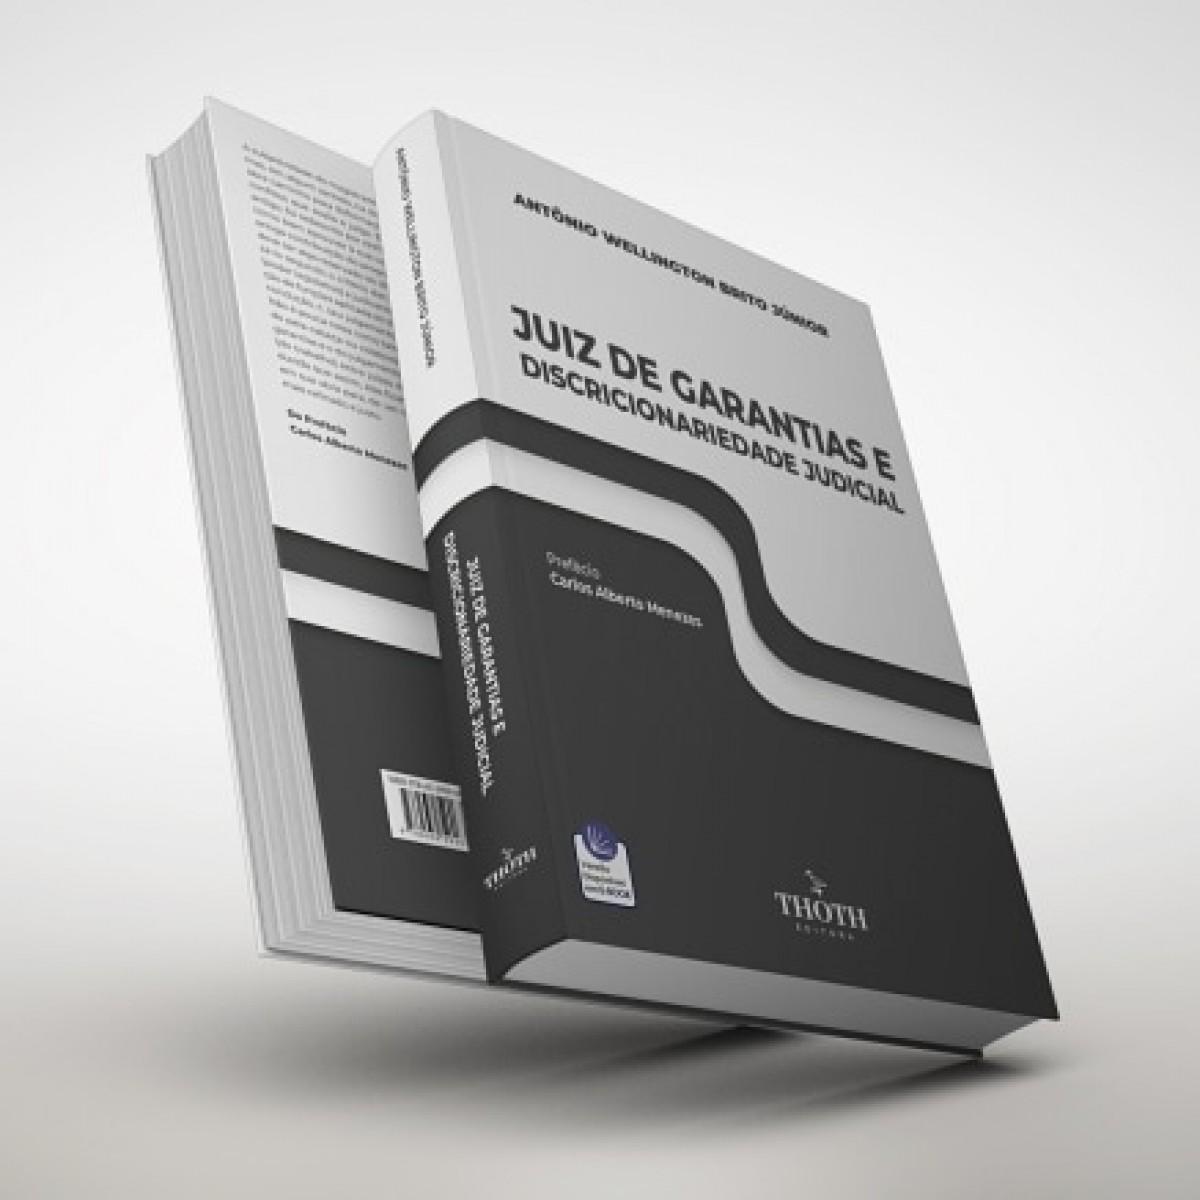 """Capa do livro """"Juiz de Garantias e Discricionariedade Judicial"""" (Imagem: Reprodução)"""